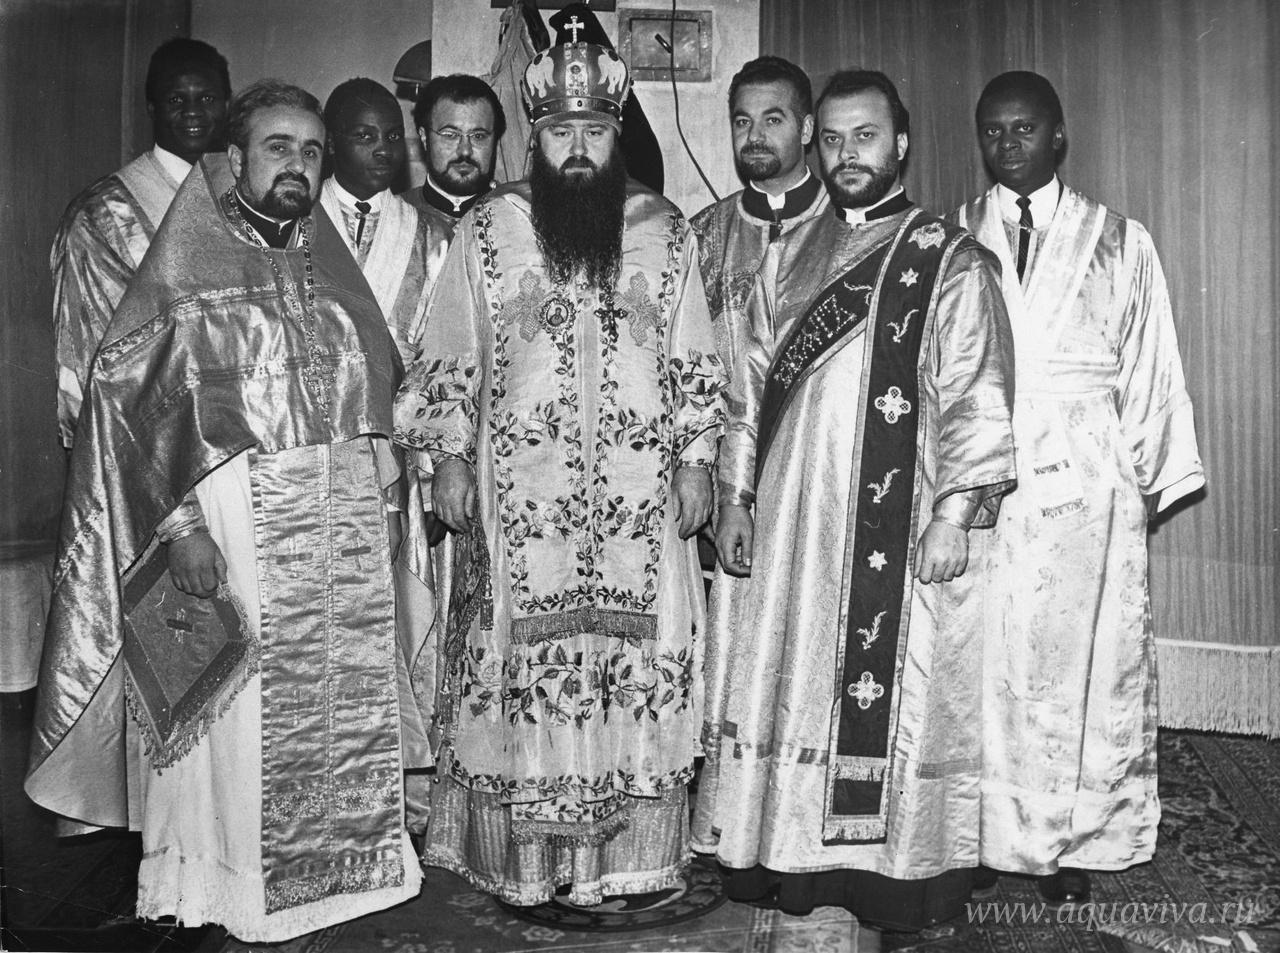 Митрополит Никодим с группой иностранных студентов Ленинградских духовных школ. 1960-е годы